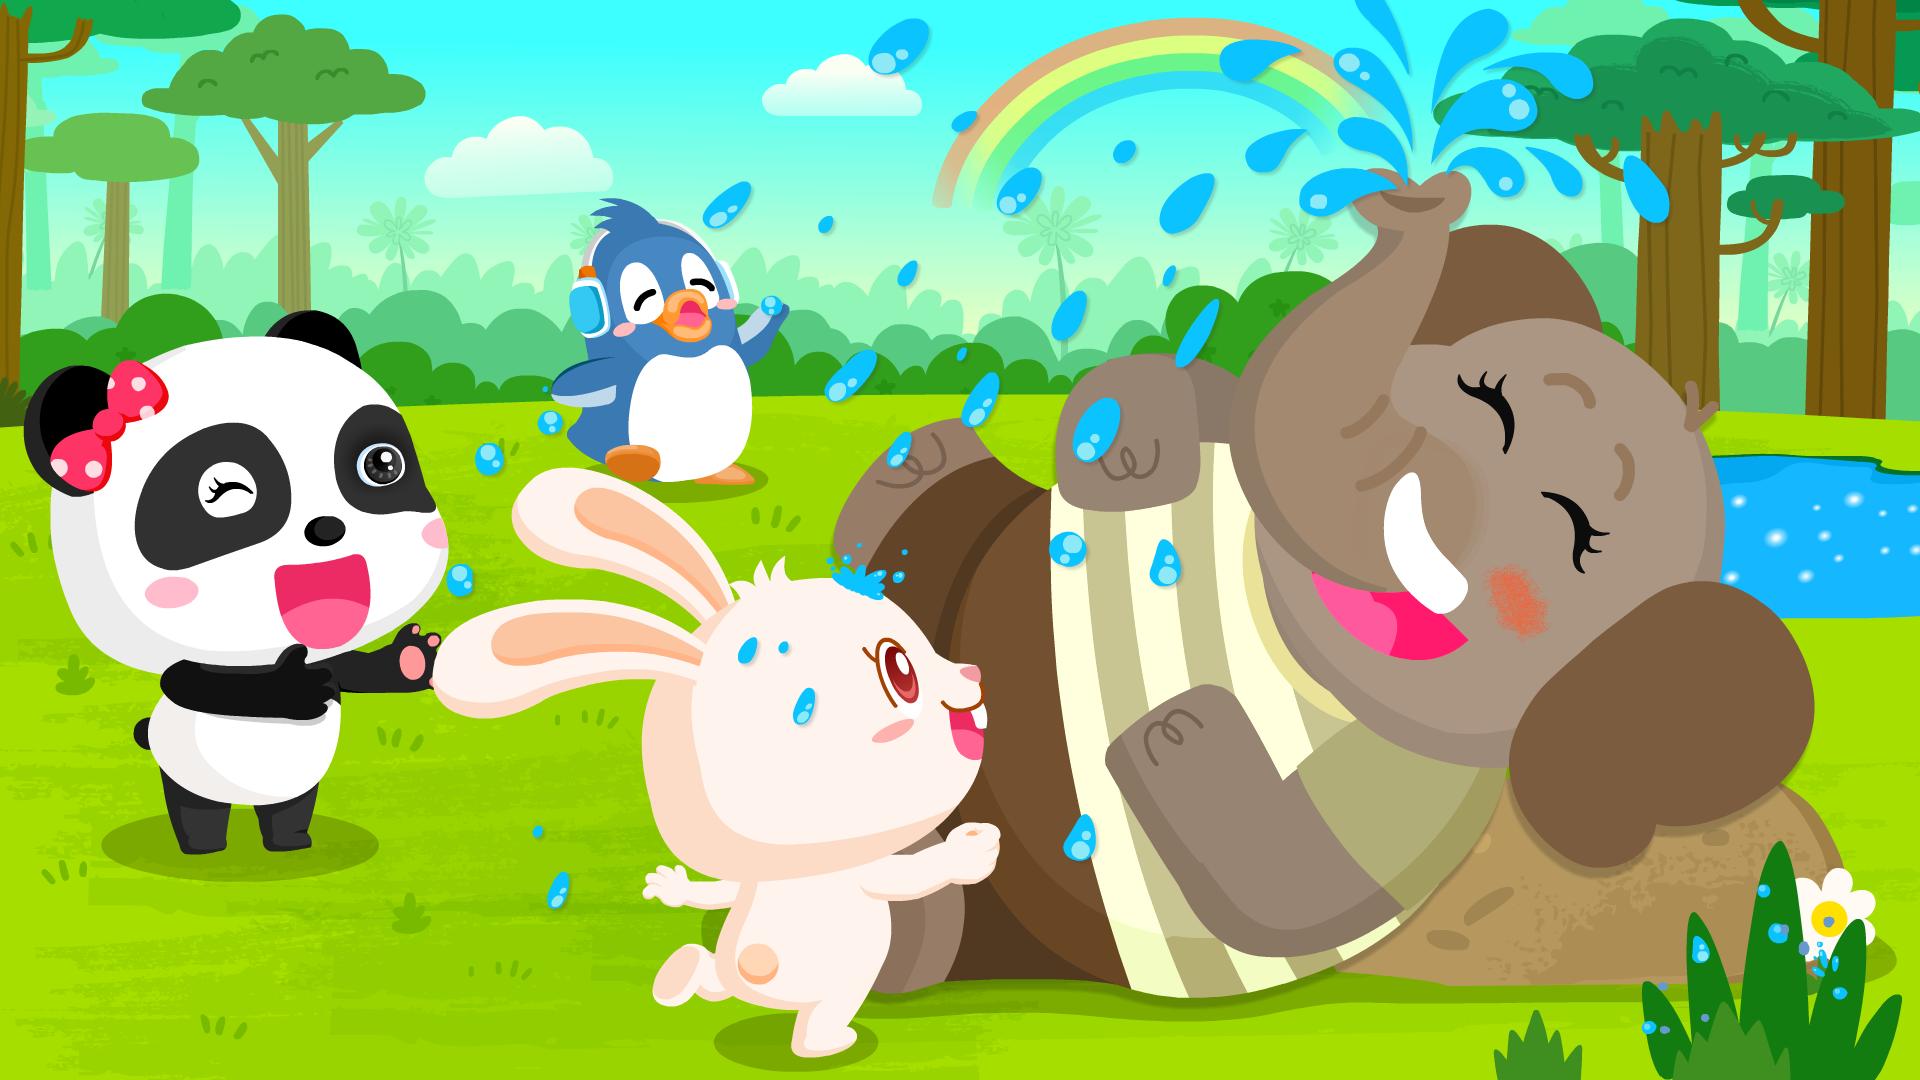 宝宝巴士动物世界大象用鼻子喷水,调皮戏水的样子萌翻众人